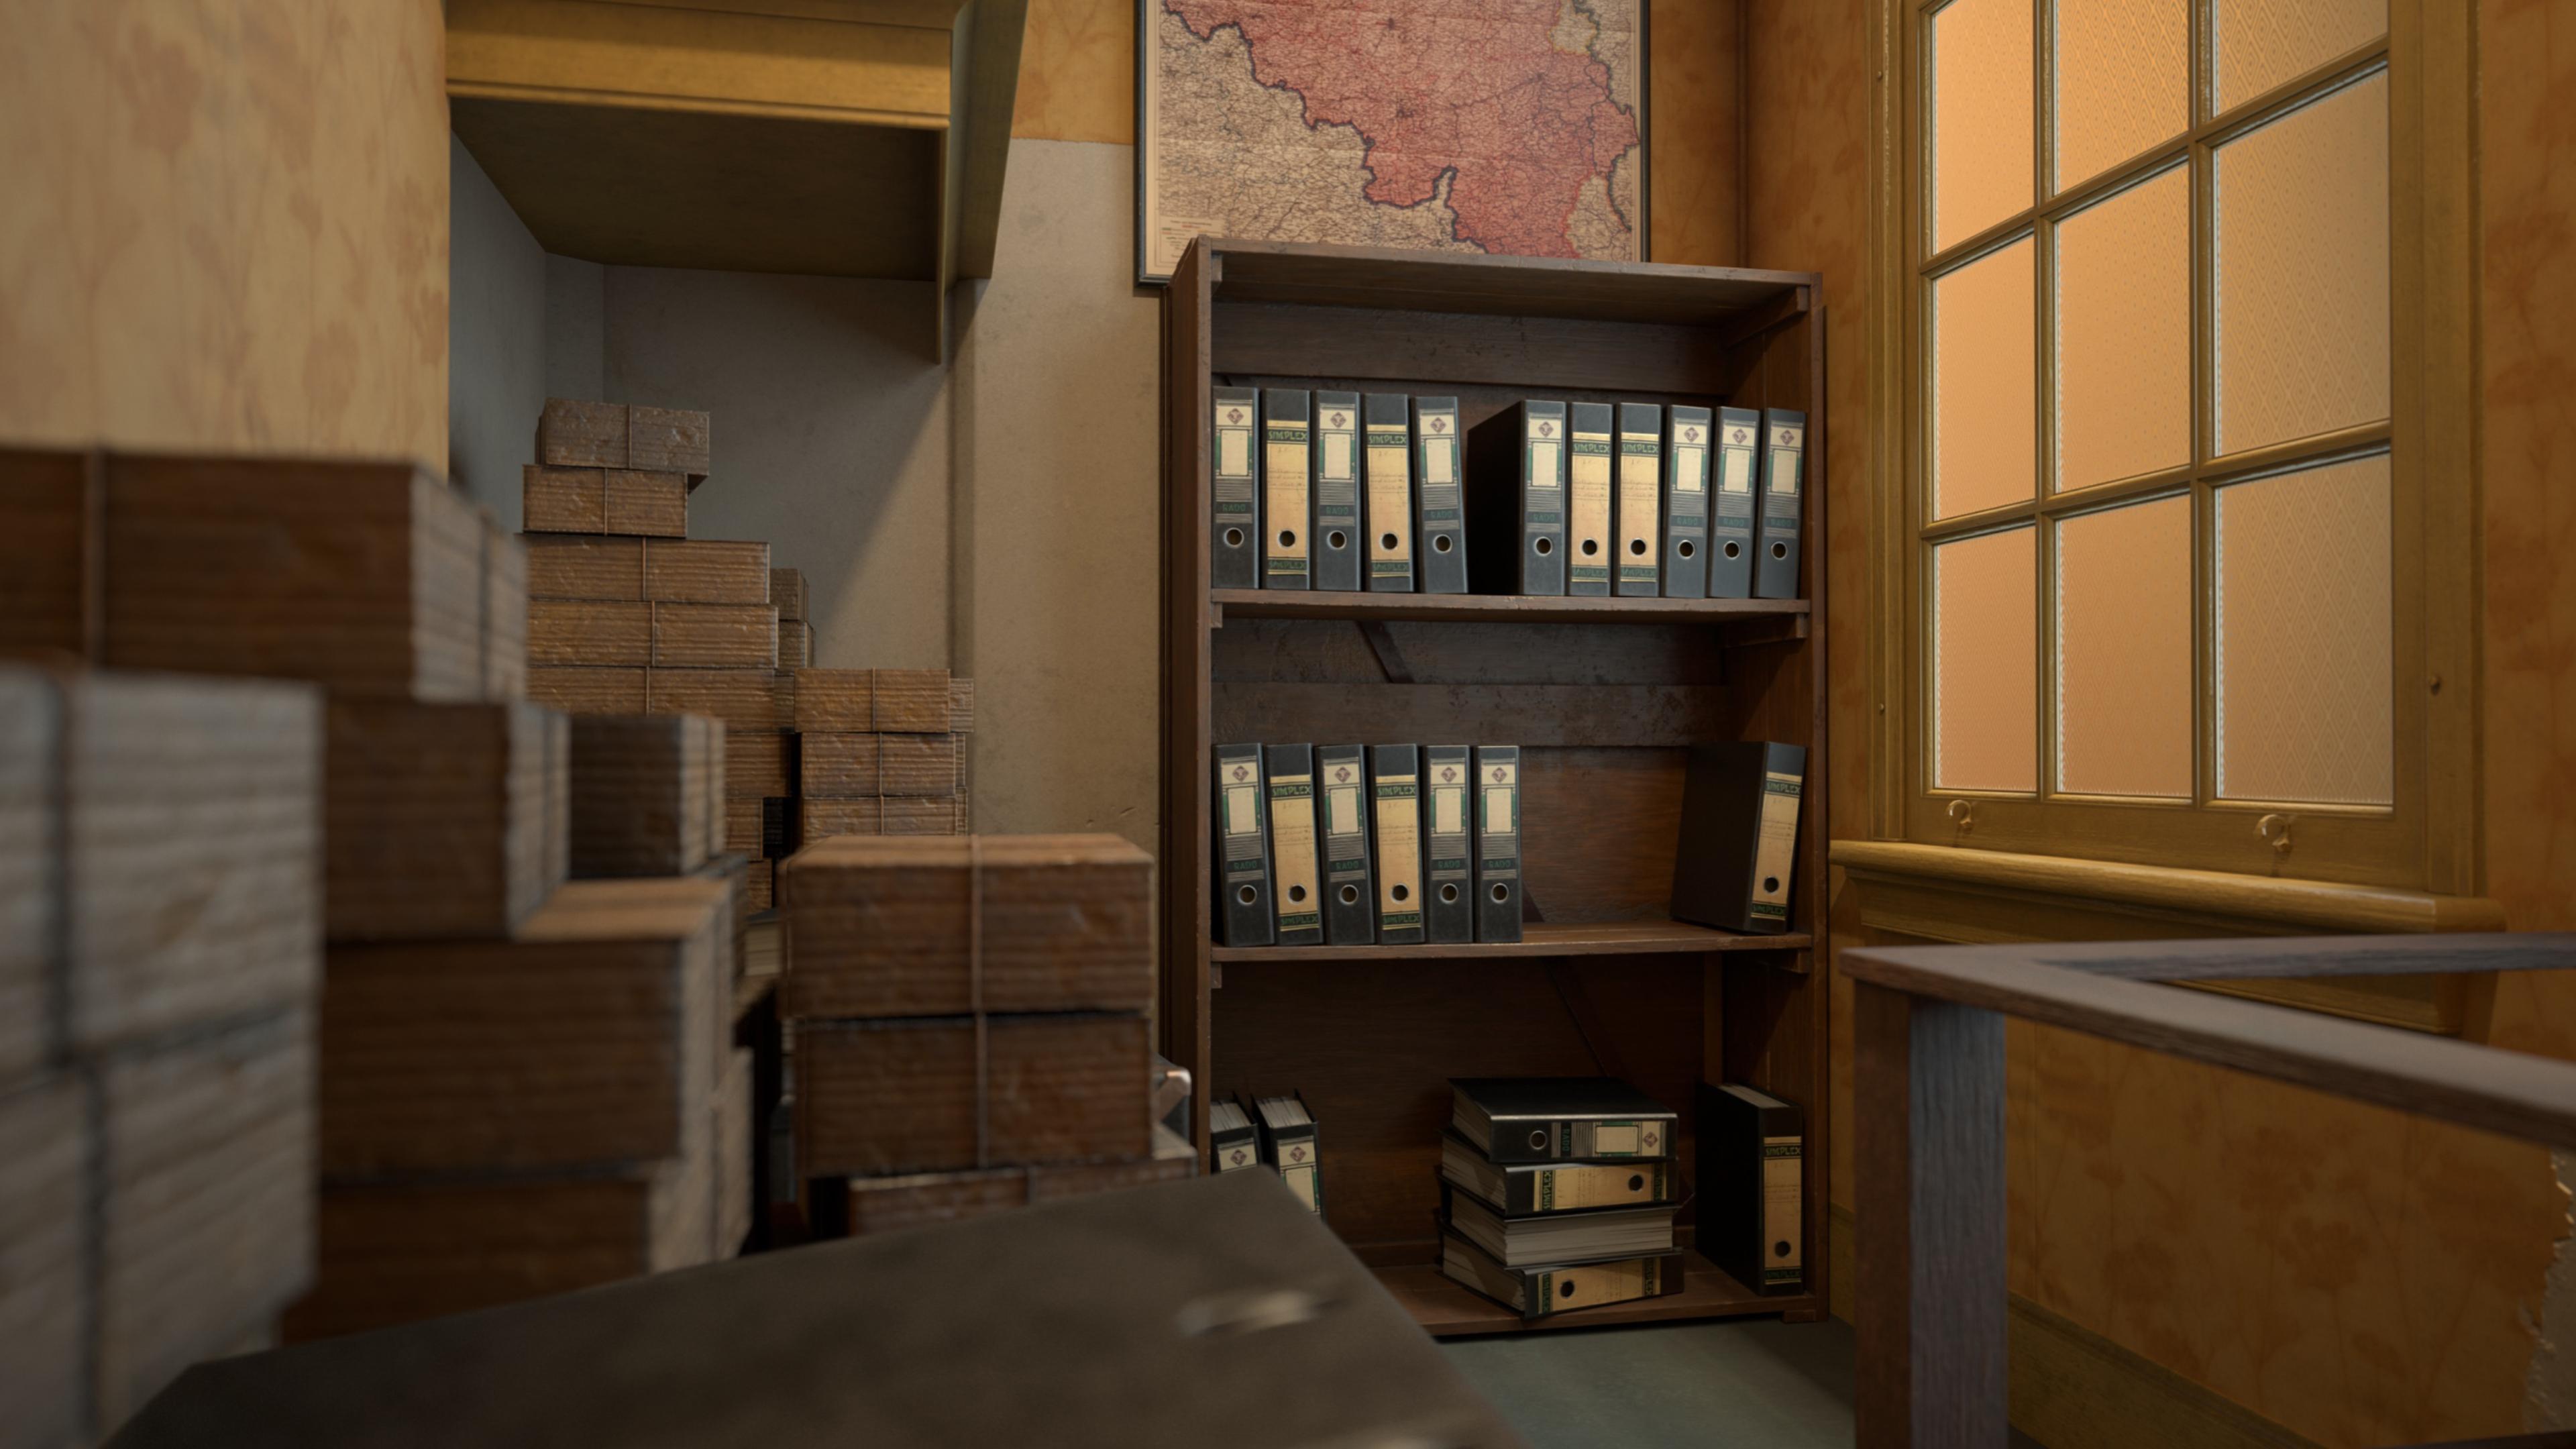 Das Hinterhaus Anne Frank Haus